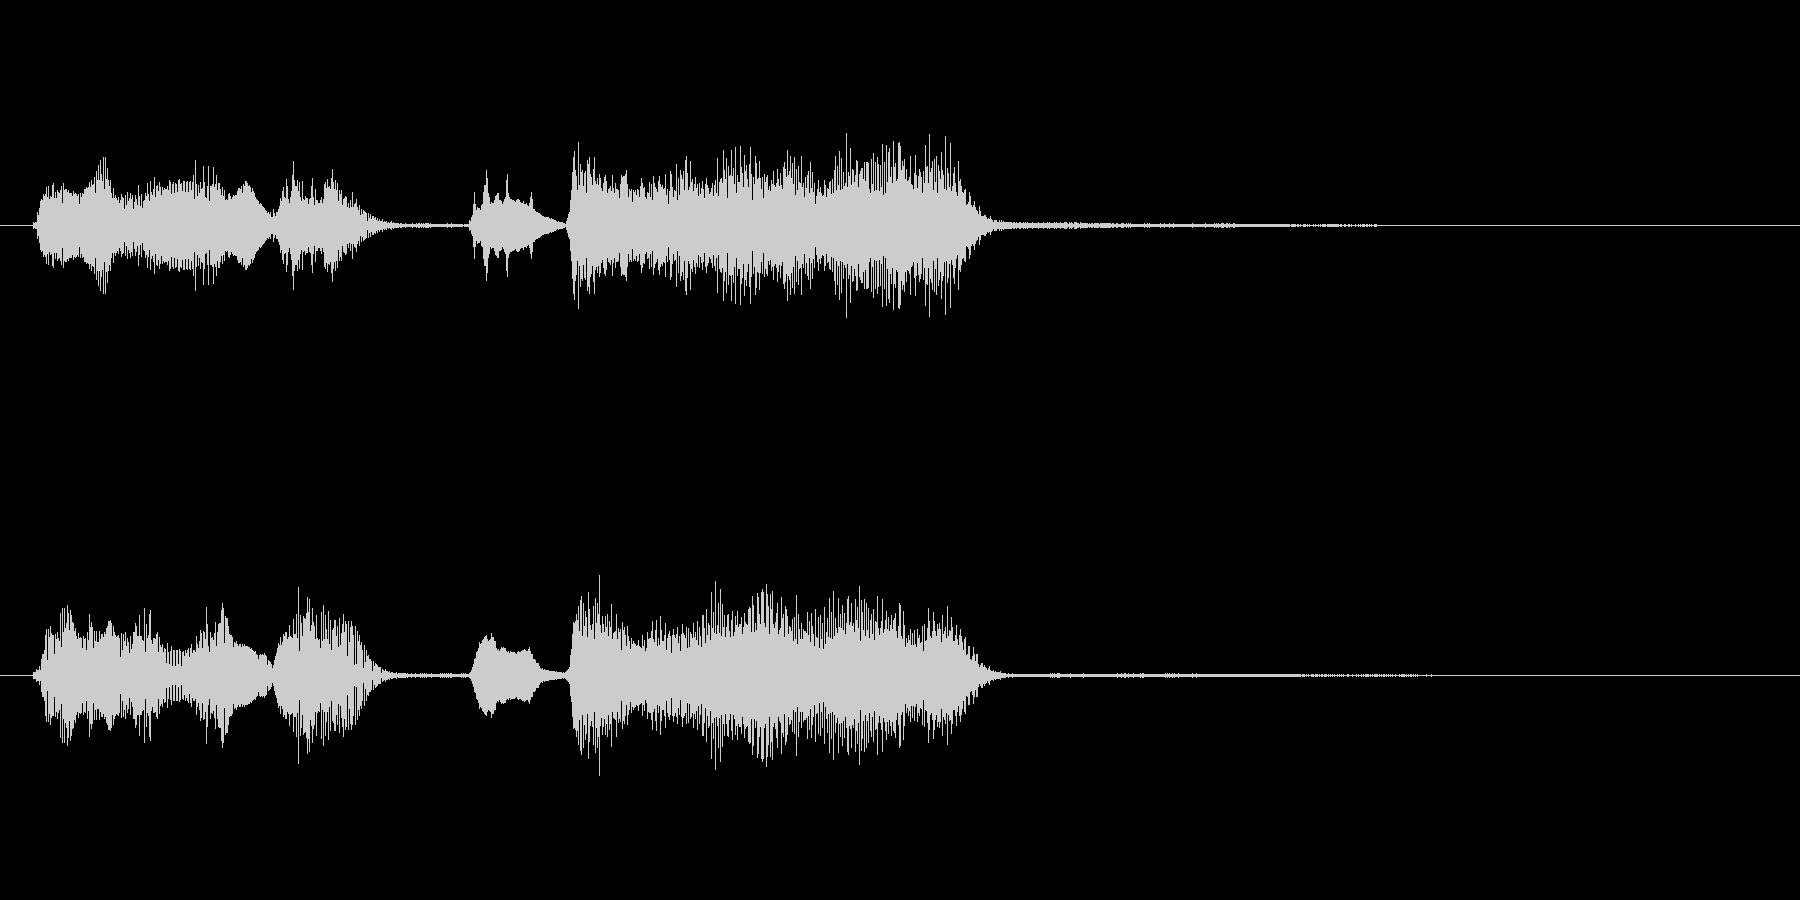 玩具系ファンファーレ-13の未再生の波形